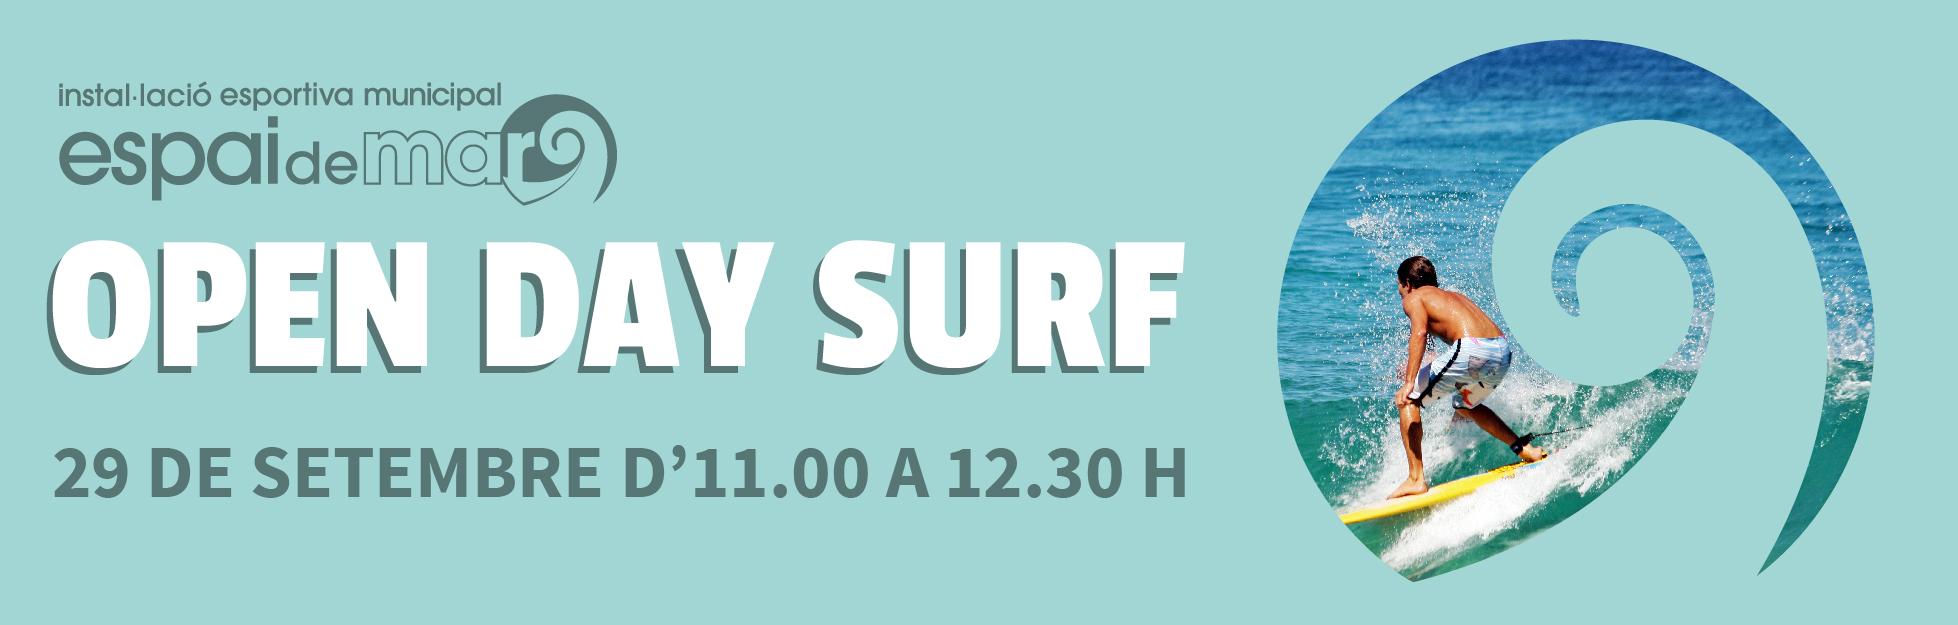 OPEN DAY SURF header